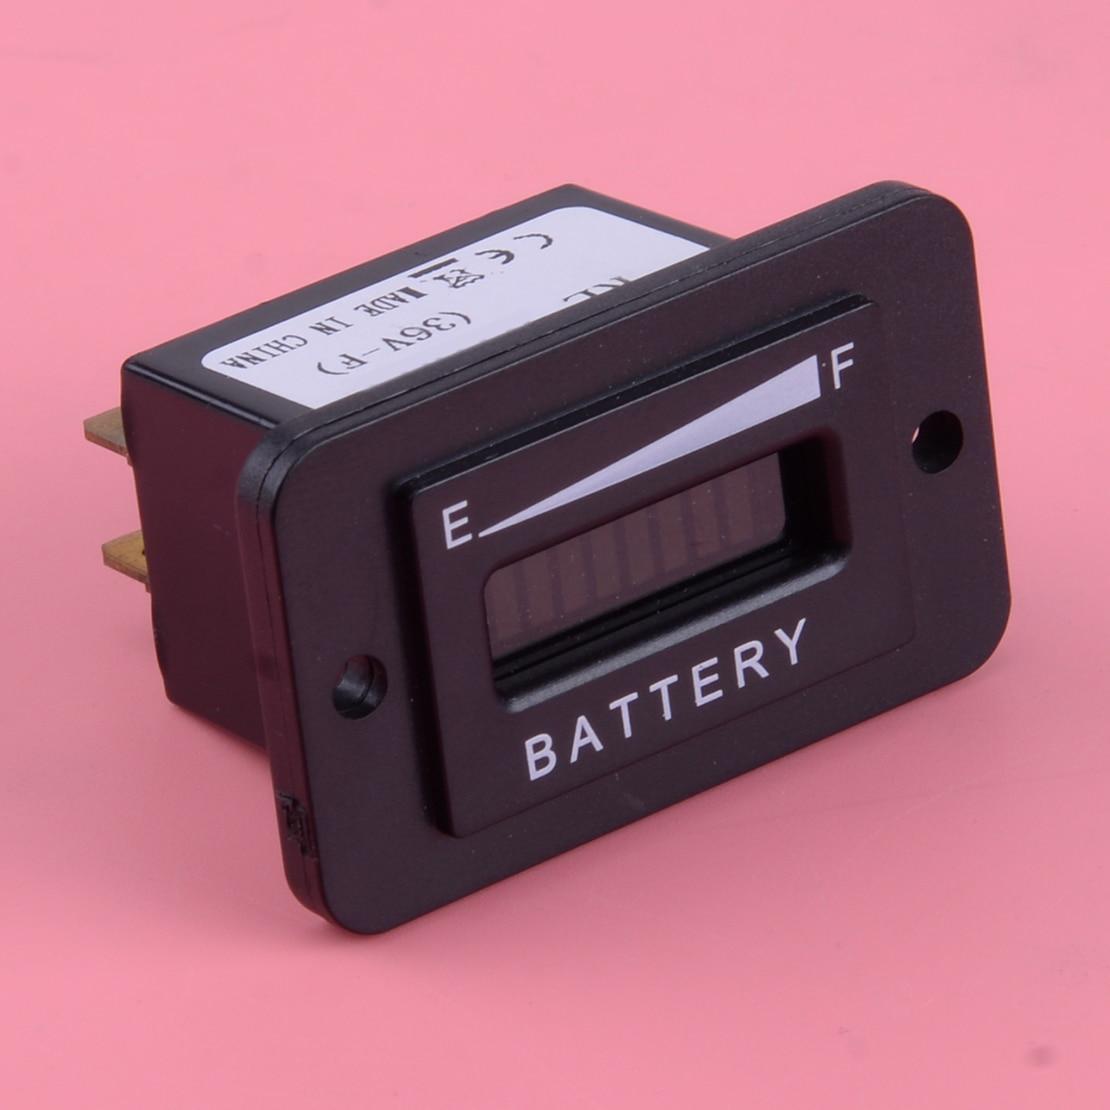 36 Volt Battery Indicator Meter Gauge Black Fit For EZGO Club Car Yamaha Golf Cart Boat ATV